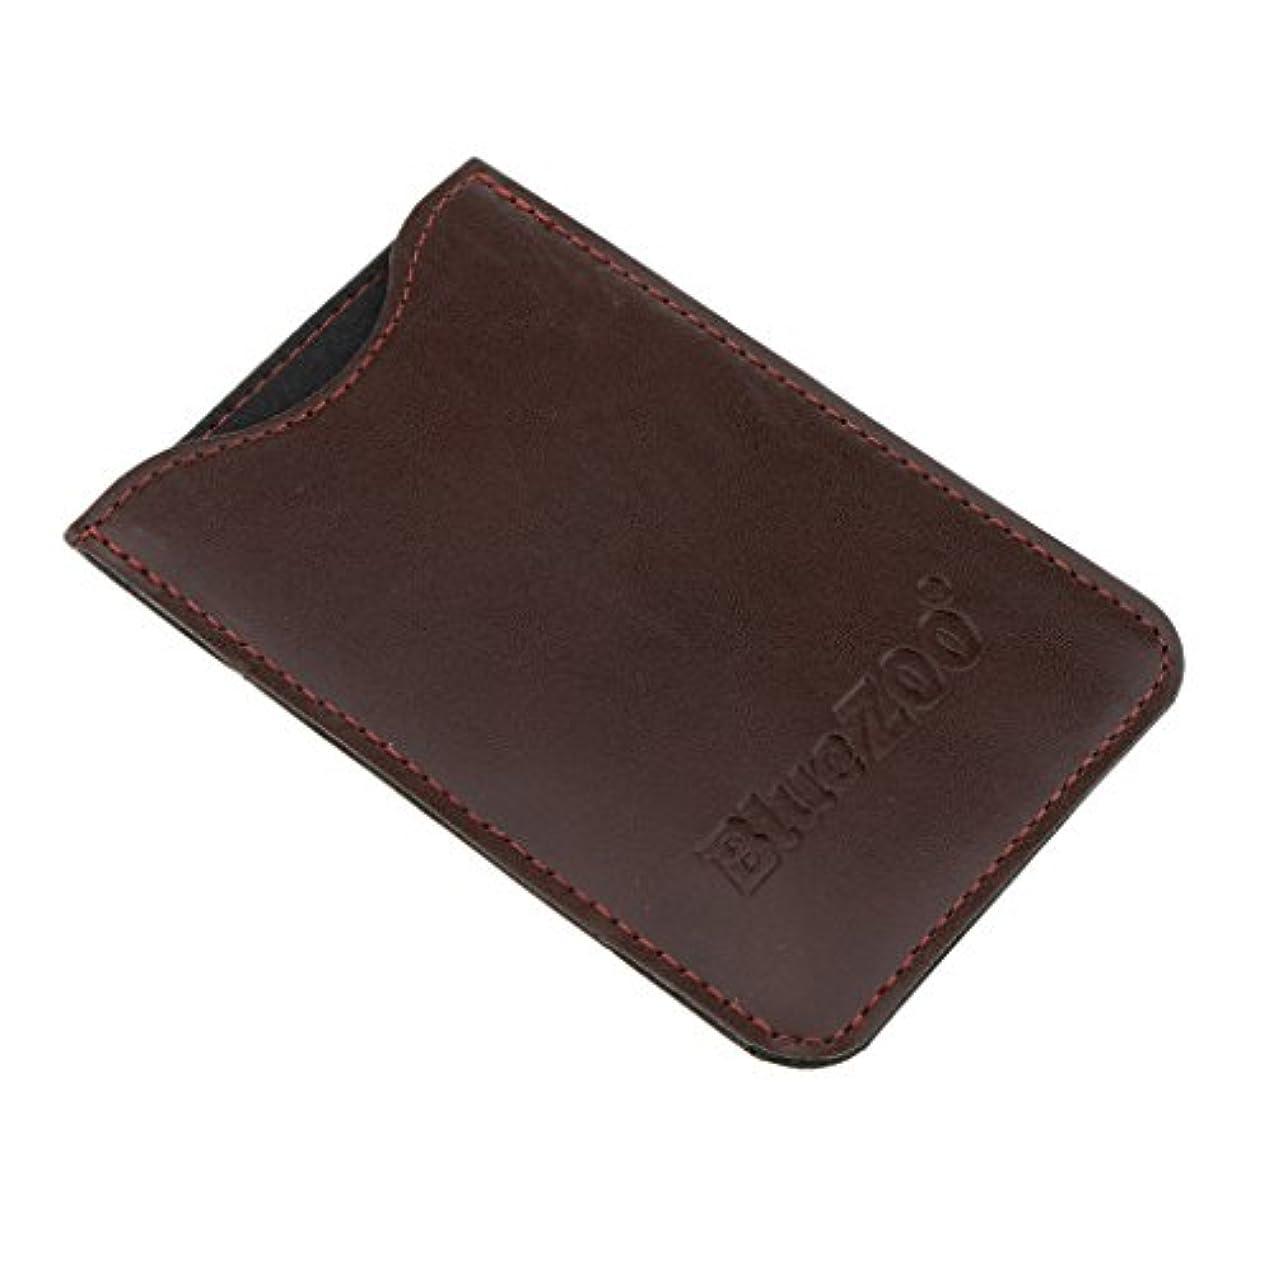 申し立てる恥ゆるいPUレザー バッグ 収納ケース 保護カバー 櫛/名刺/IDカード/銀行カード 収納パック 便利 全2色 - 褐色